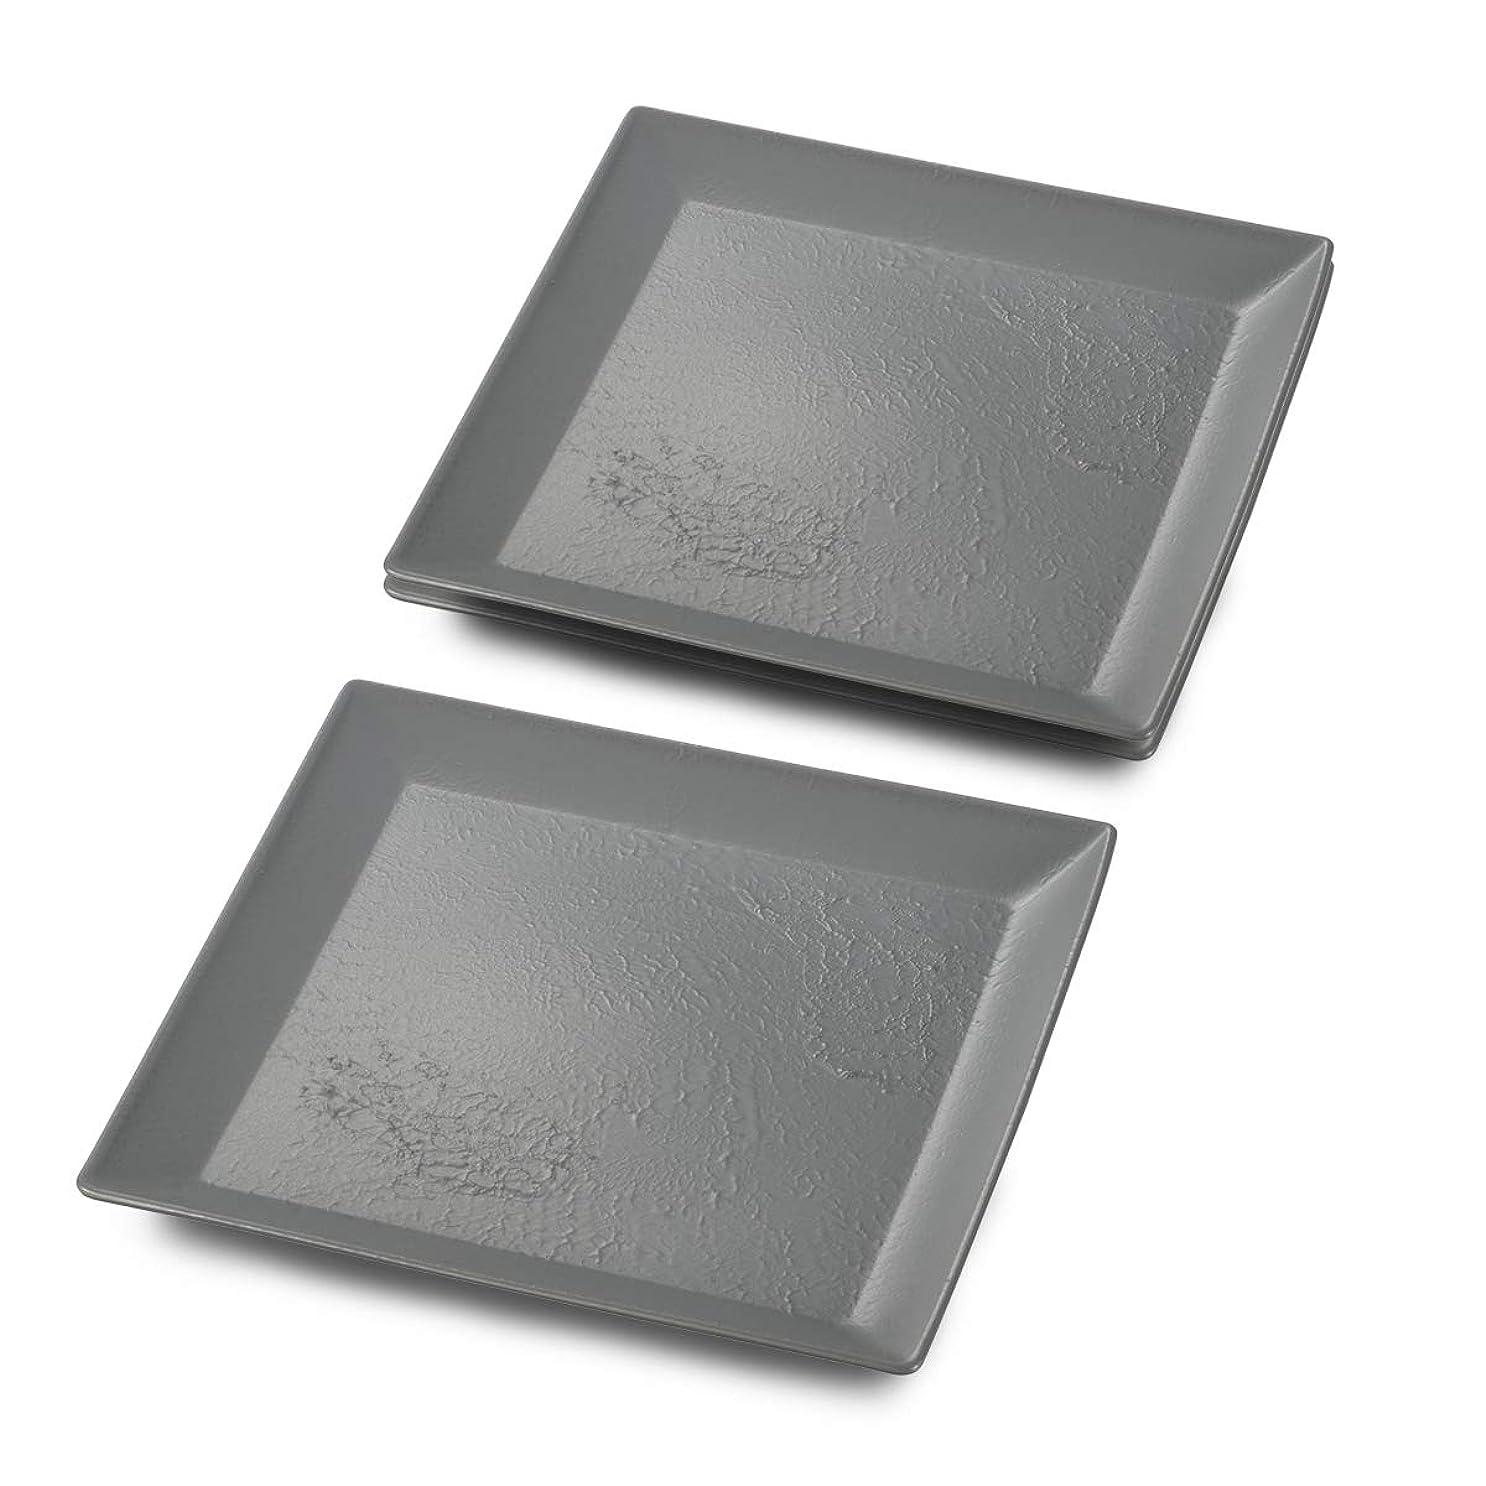 アレルギー不規則な長方形CtoC JAPAN Select 大皿 グレー Craft art 角盛皿 STGY CTC-126389 3個入